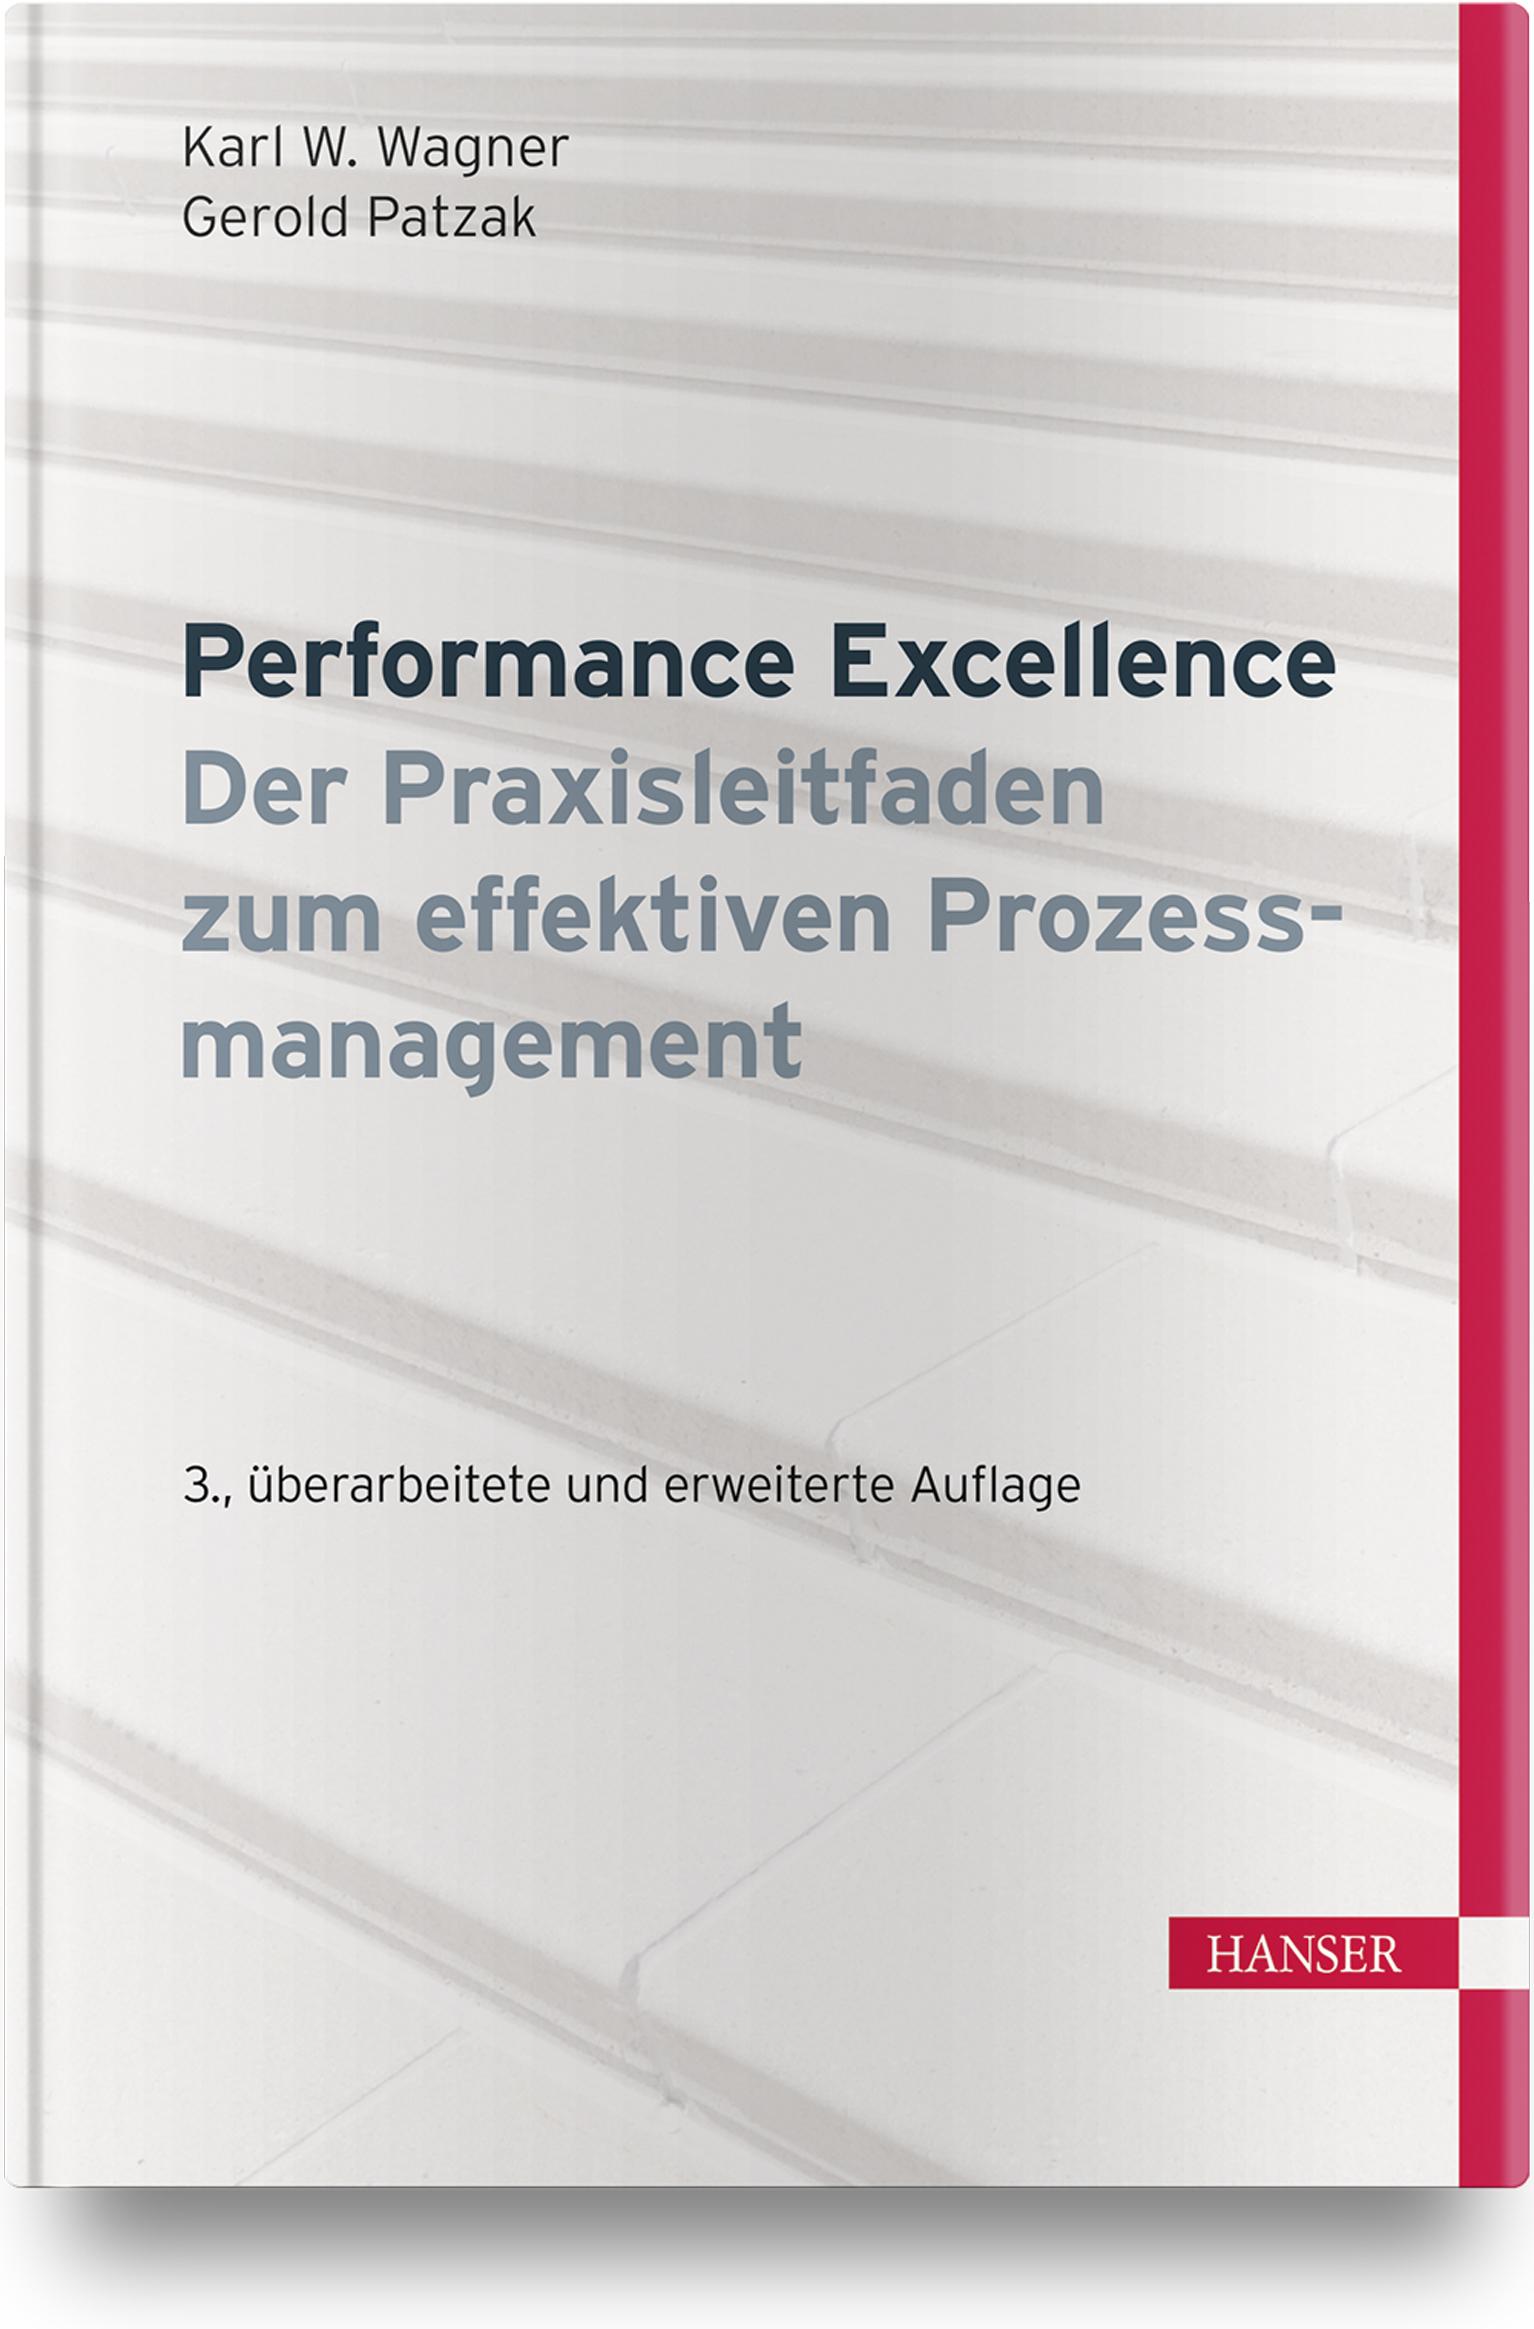 Wagner, Patzak, Performance Excellence - Der Praxisleitfaden zum effektiven Prozessmanagement, 978-3-446-45741-6